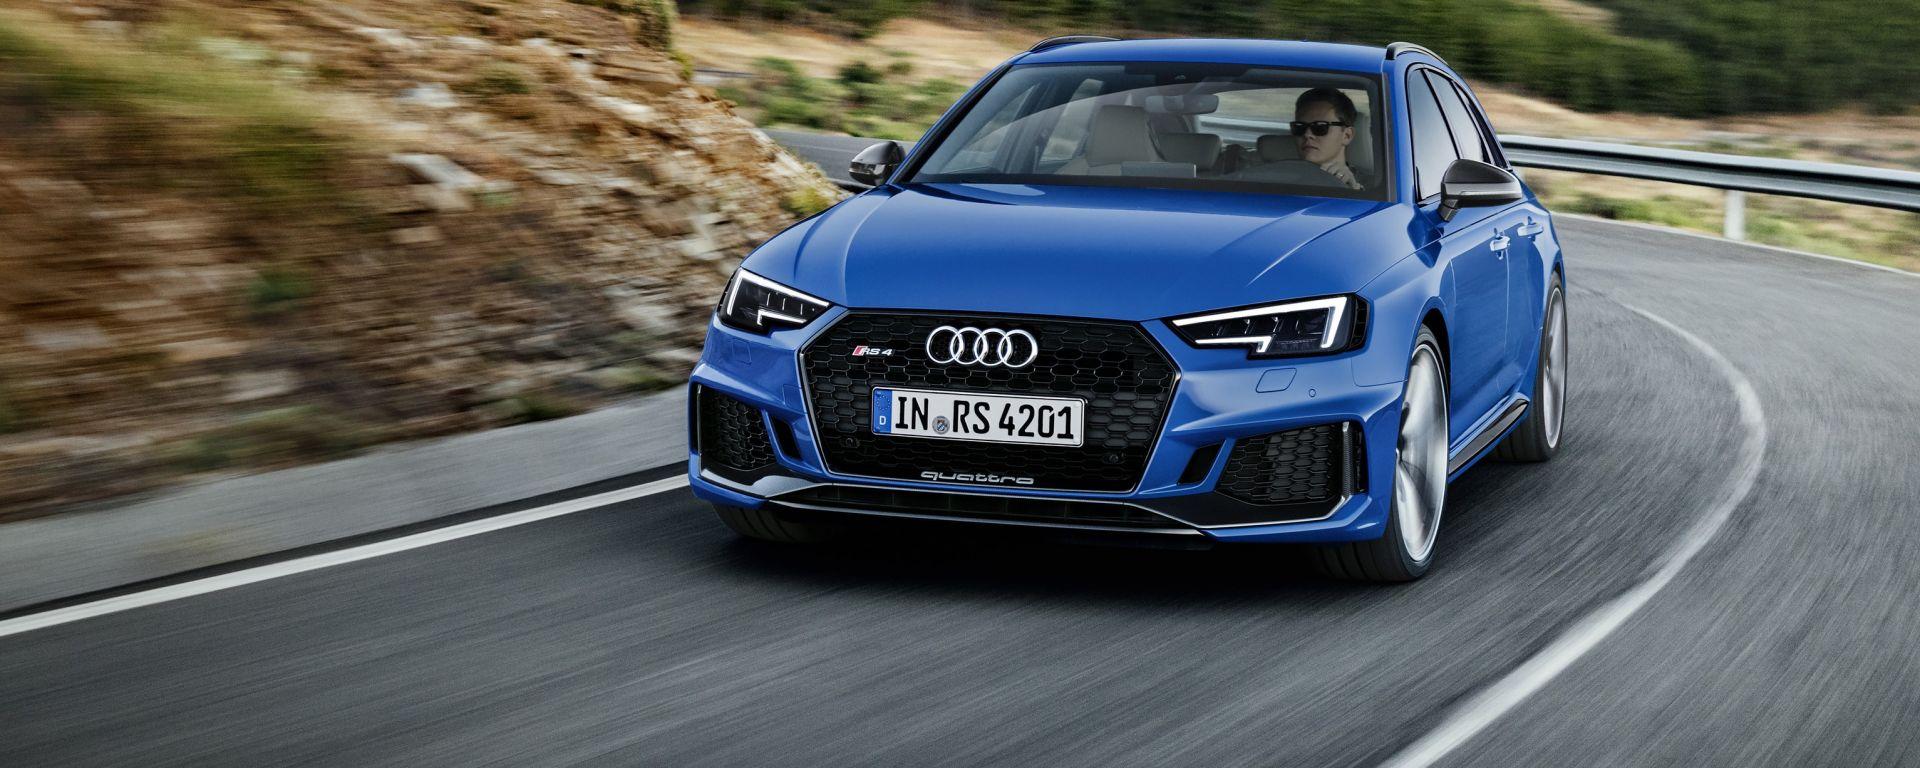 Nuova Audi RS 4 2017: dopo 18 anni ritorna il V6 biturbo. Ecco come va